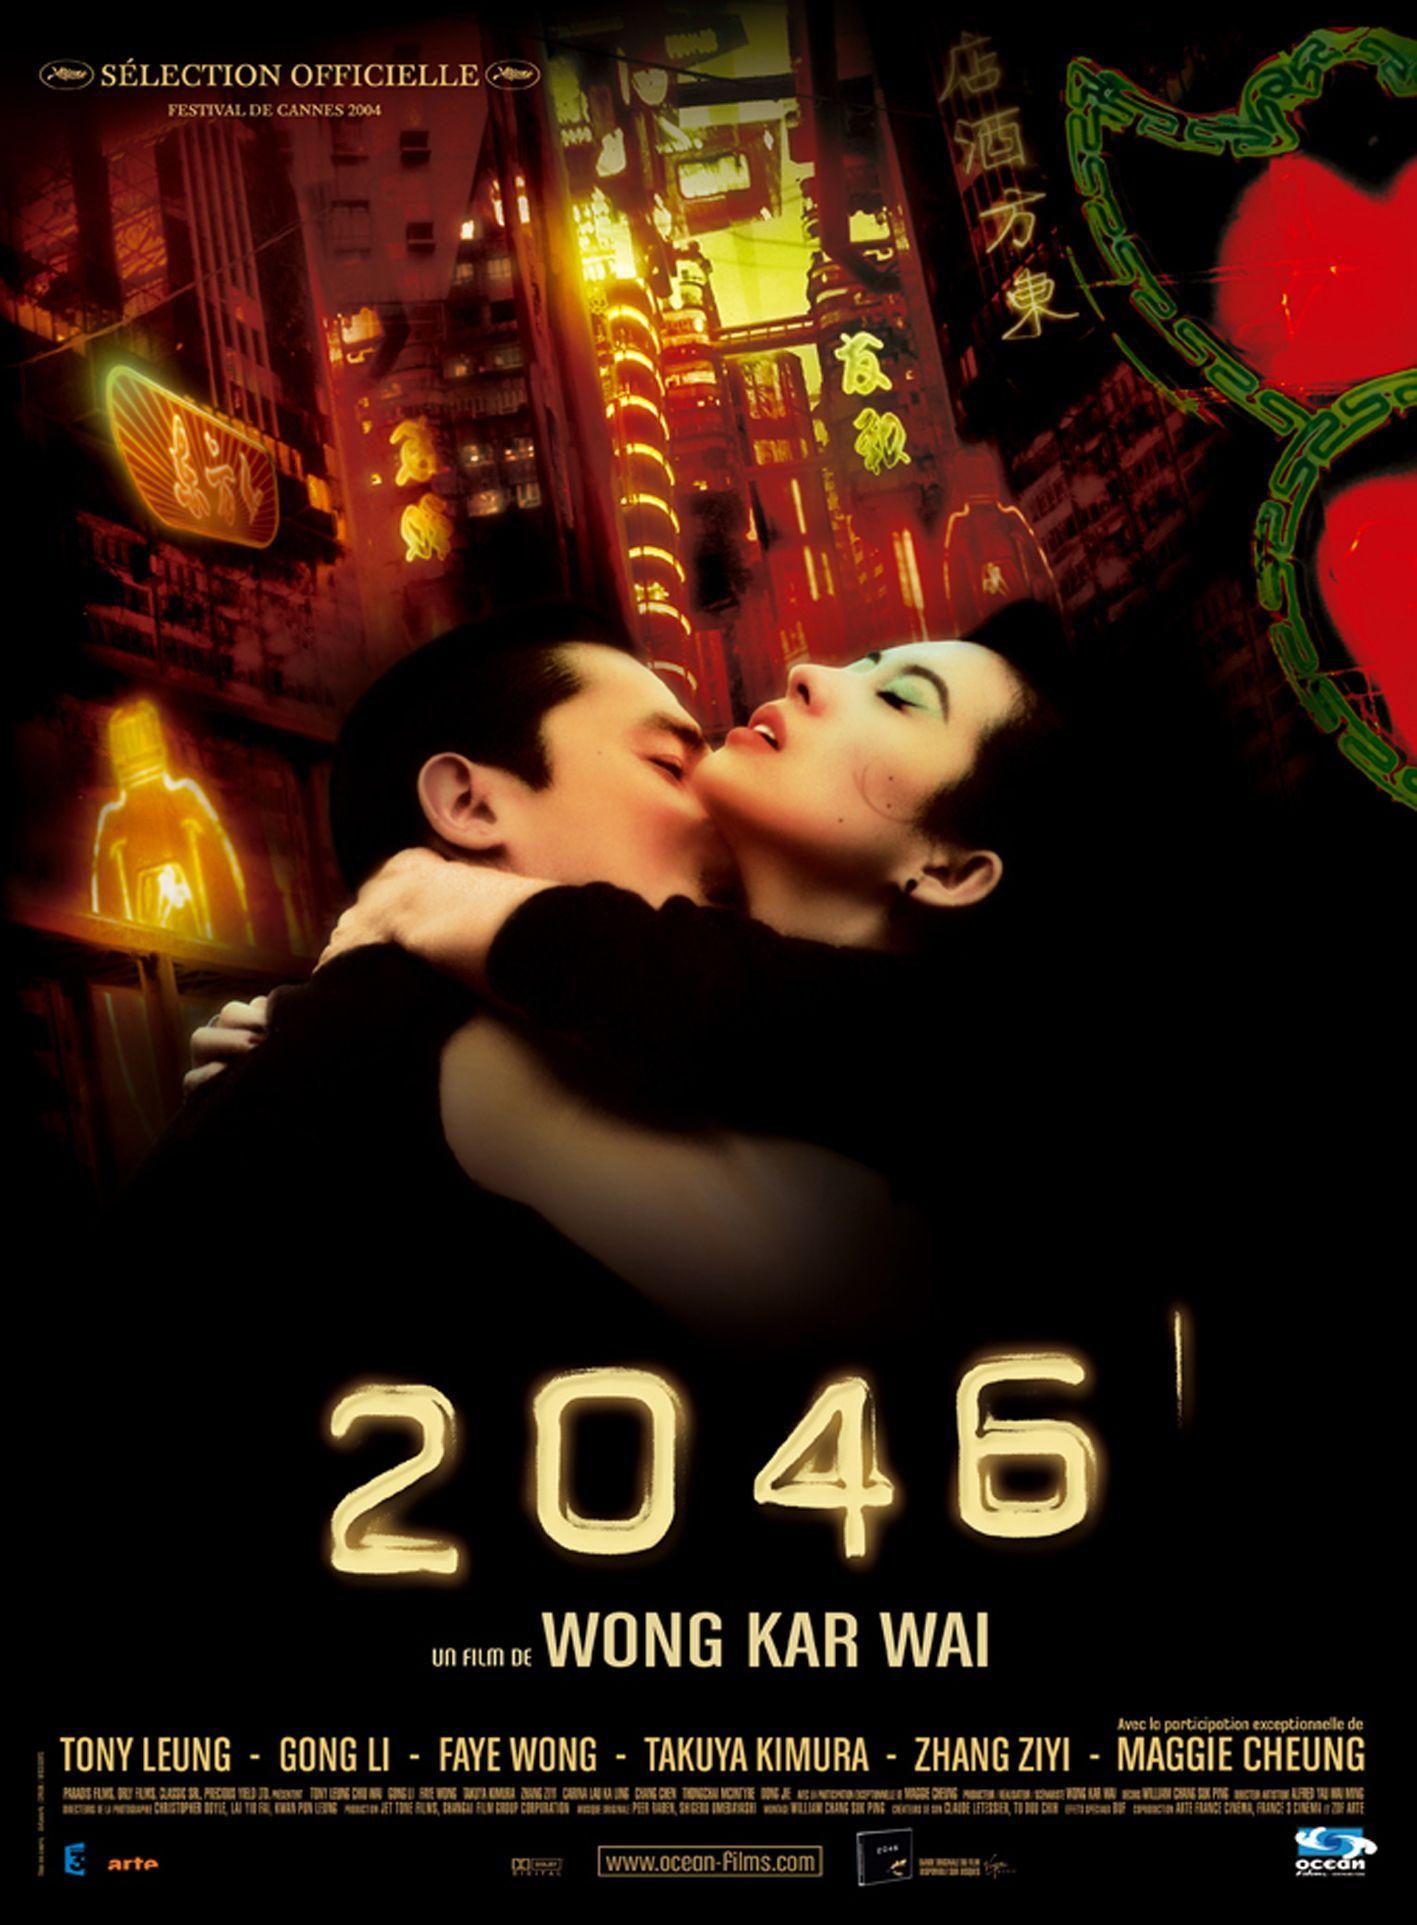 Resultado de imagem para 2046 wong kar wai poster